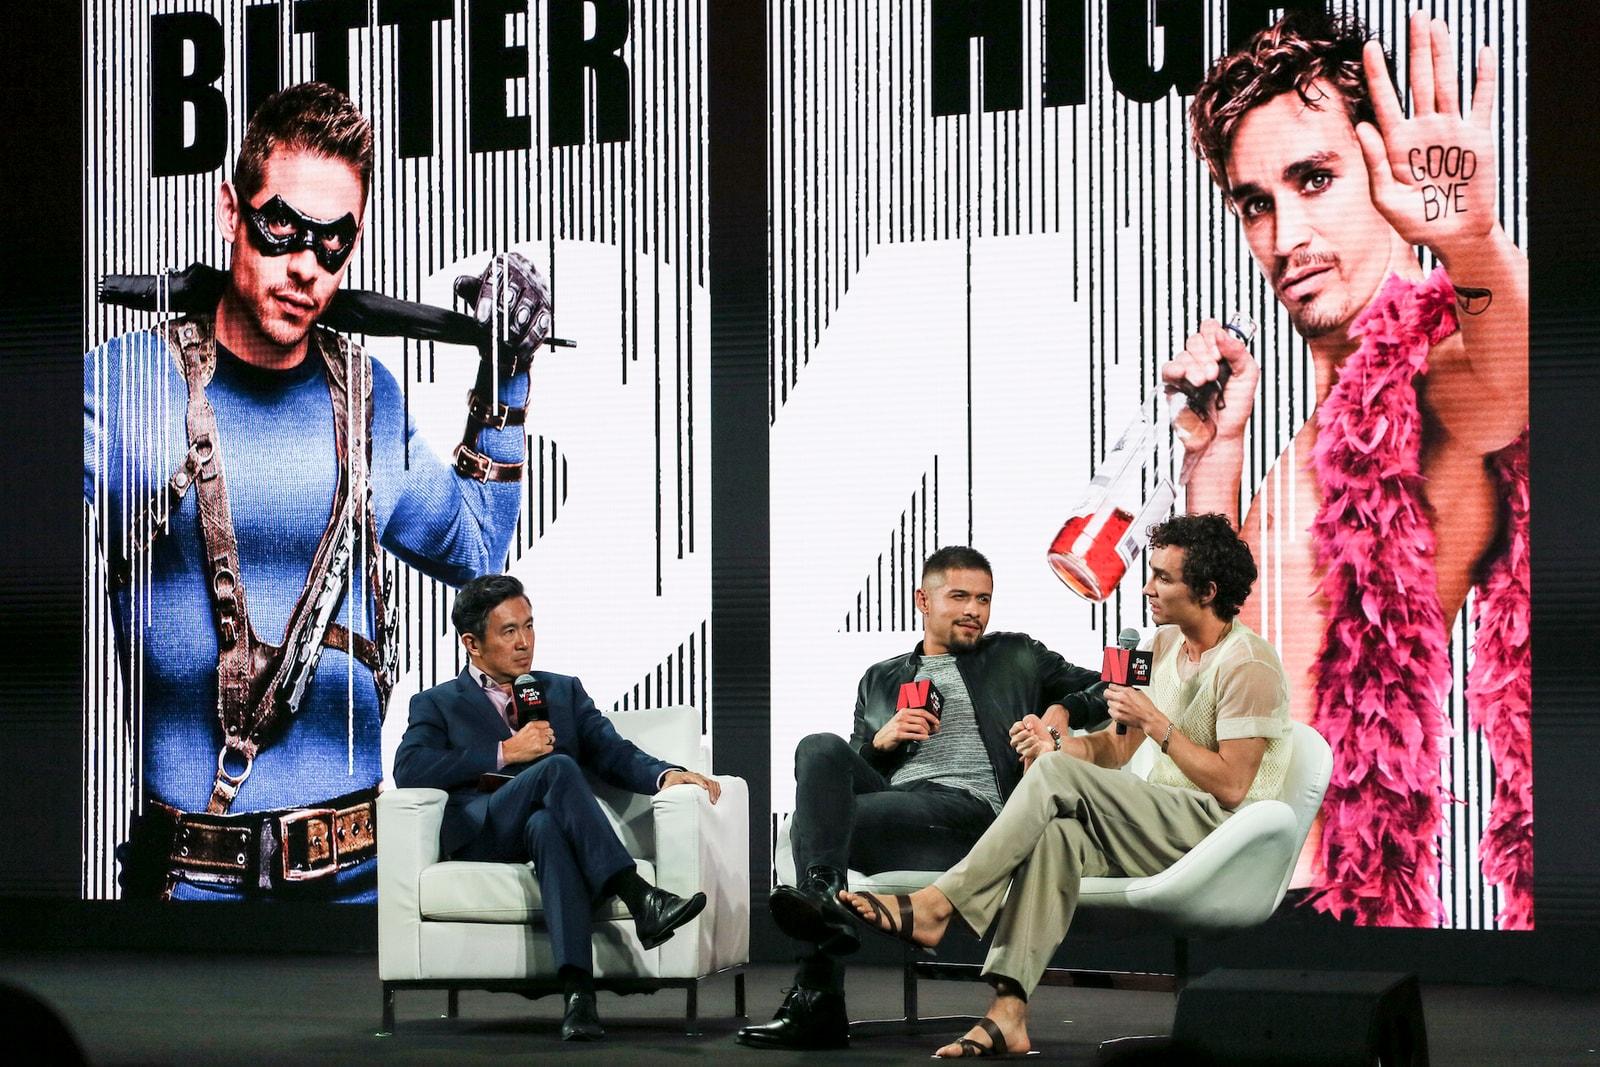 HYPEBEAST 直擊 Netflix 亞洲原創內容發佈大會